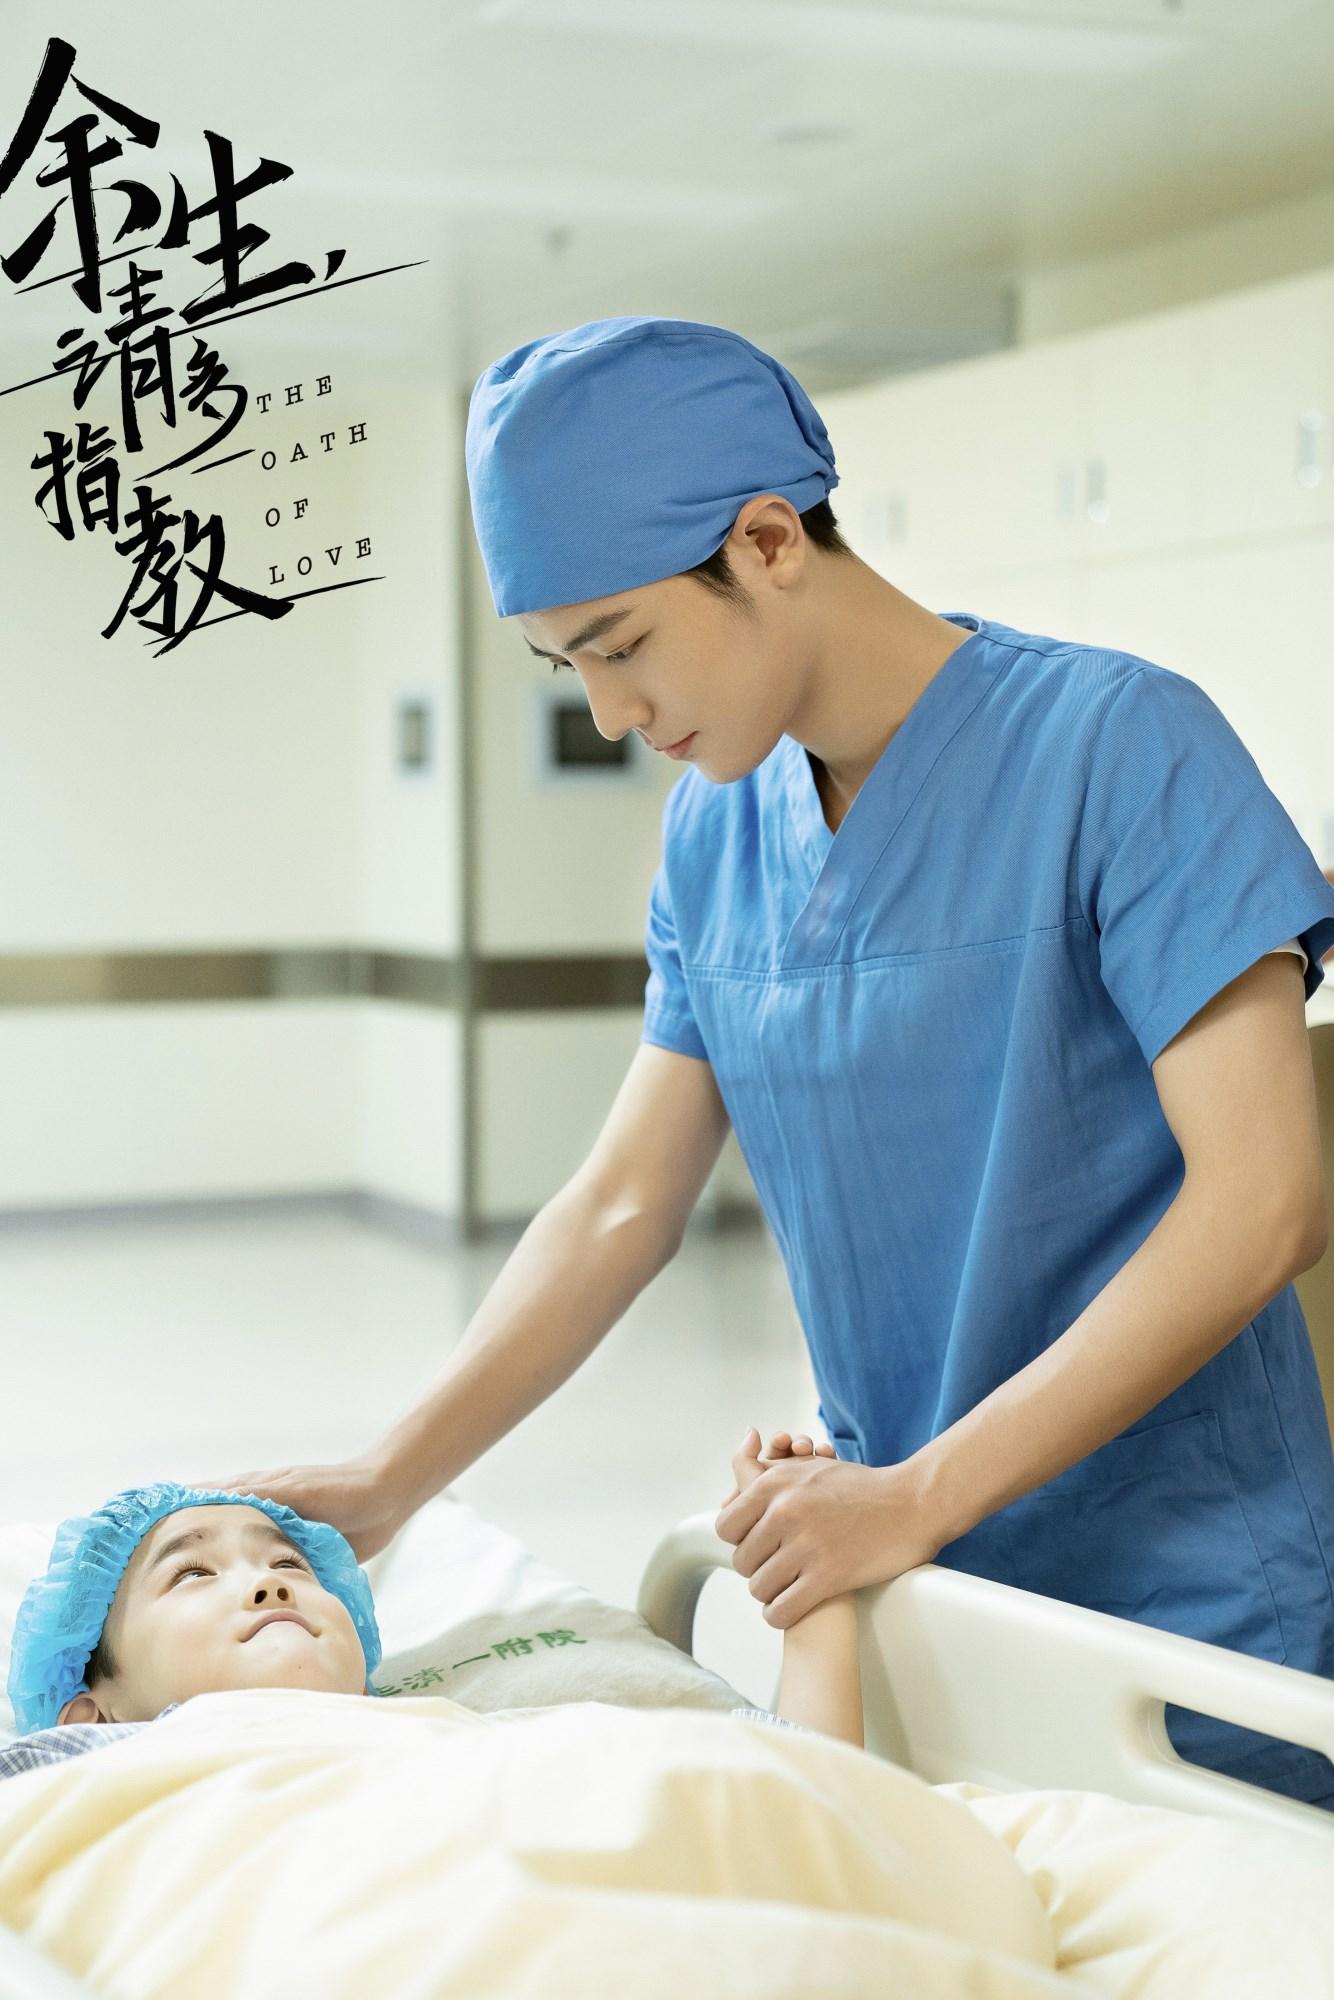 原创 电视剧还没有拍完,杨紫和肖战两个人的粉丝就互相攻击了插图(4)